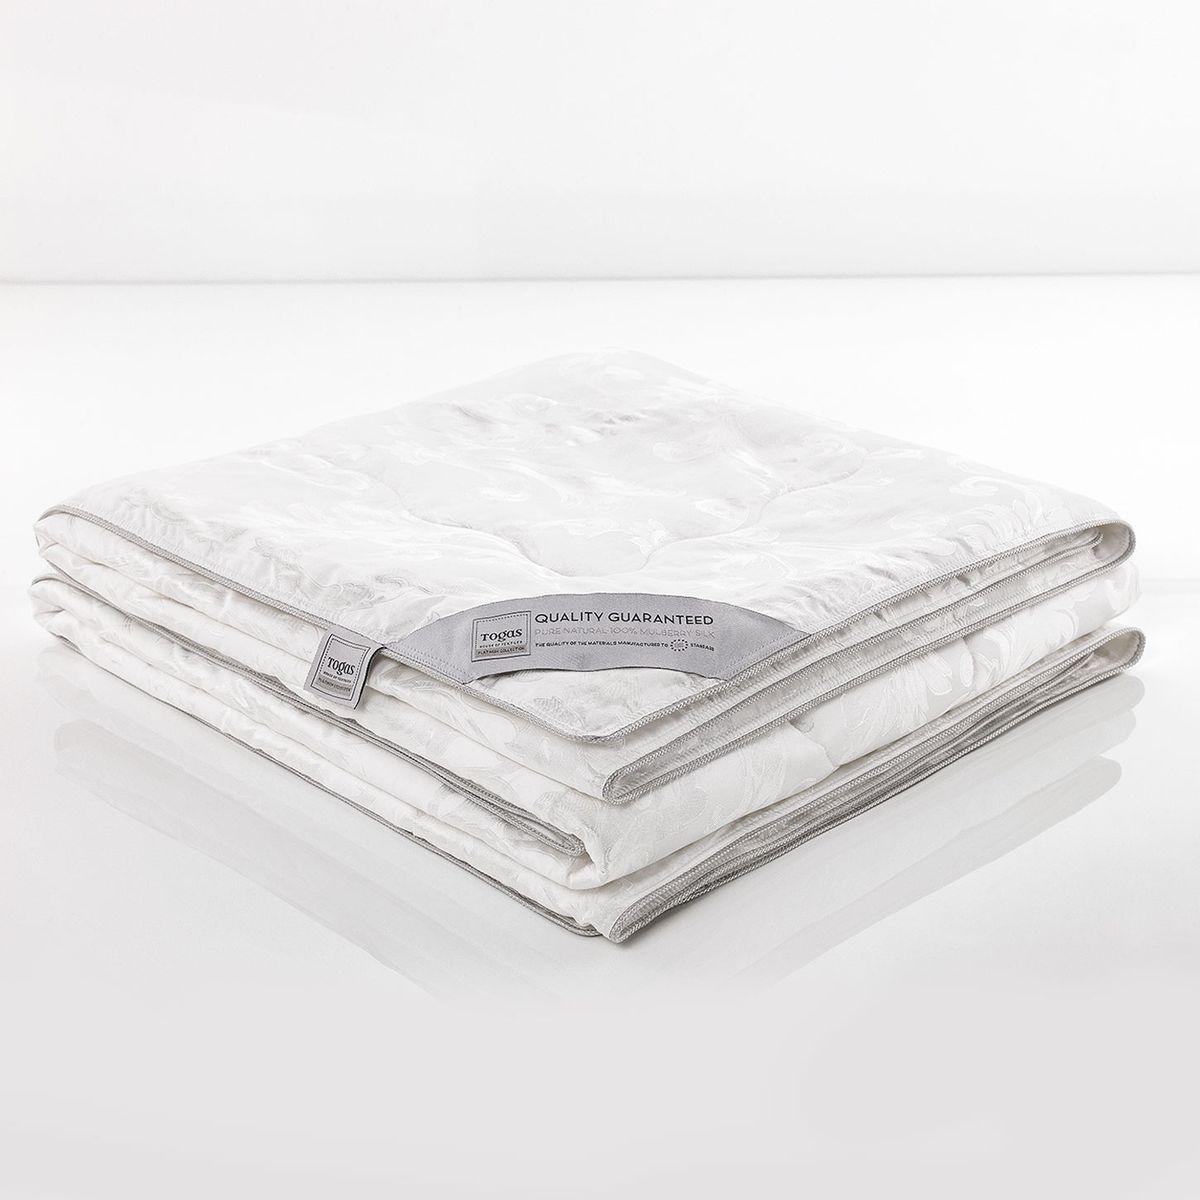 """Одеяло Шелк В Шелке, 220 х 240 см. 47.33531-105Если Вы стремились к совершенству, - Вы его достигли: одеяло «Шелк в шелке» - настоящая жемчужина коллекции Togas. Ничто не сравнится с прикосновением натурального шелка к Вашей коже… Шелк - прекрасный натуральный терморегулятор. Он способен быстро поглощать тепло и поддерживать неизменную температуру тела вне зависимости от условий окружающей среды, создавая идеальный микроклимат. Шелк дышит: он хорошо впитывает и испаряет влагу, """"кондиционирует"""" тело во время сна, насыщая его кислородом.Одеяло, сделанное из натурального шелка сорта Малбери, отличается особой нежностью и абсолютной невесомостью."""